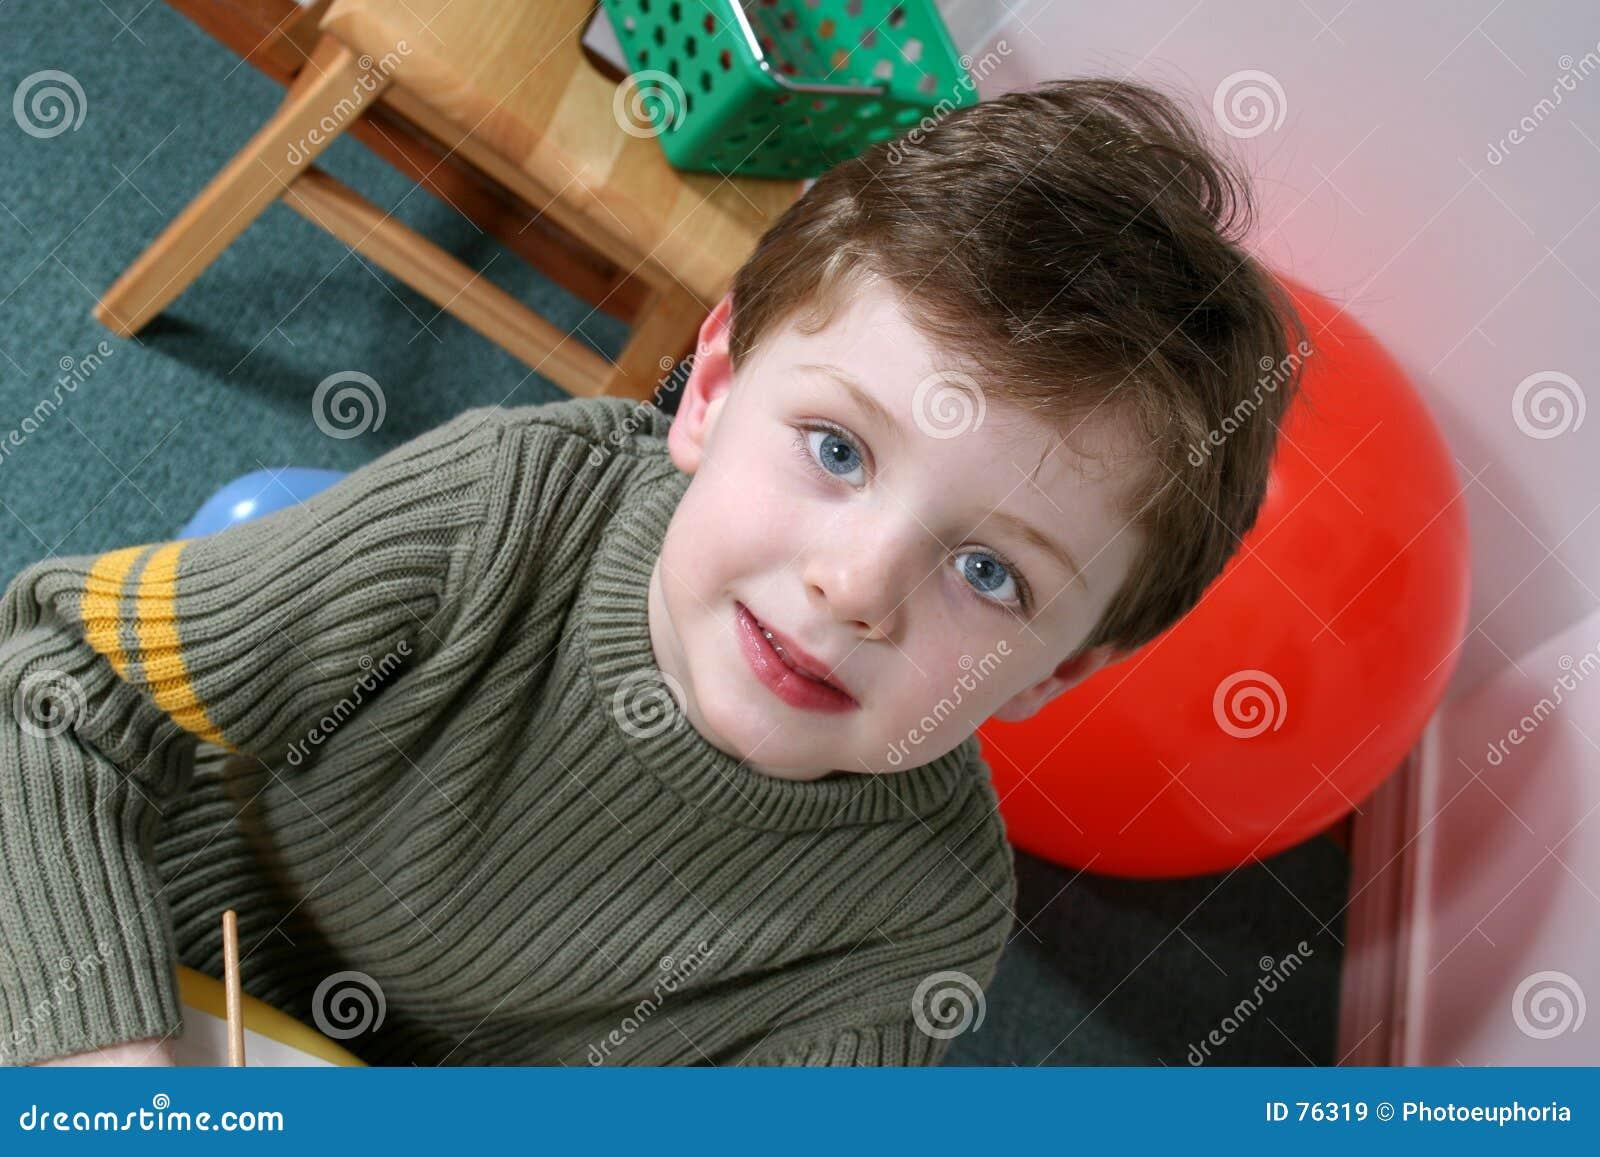 Urocza blondynka niebieski chłopiec się cztery włosy stare lata